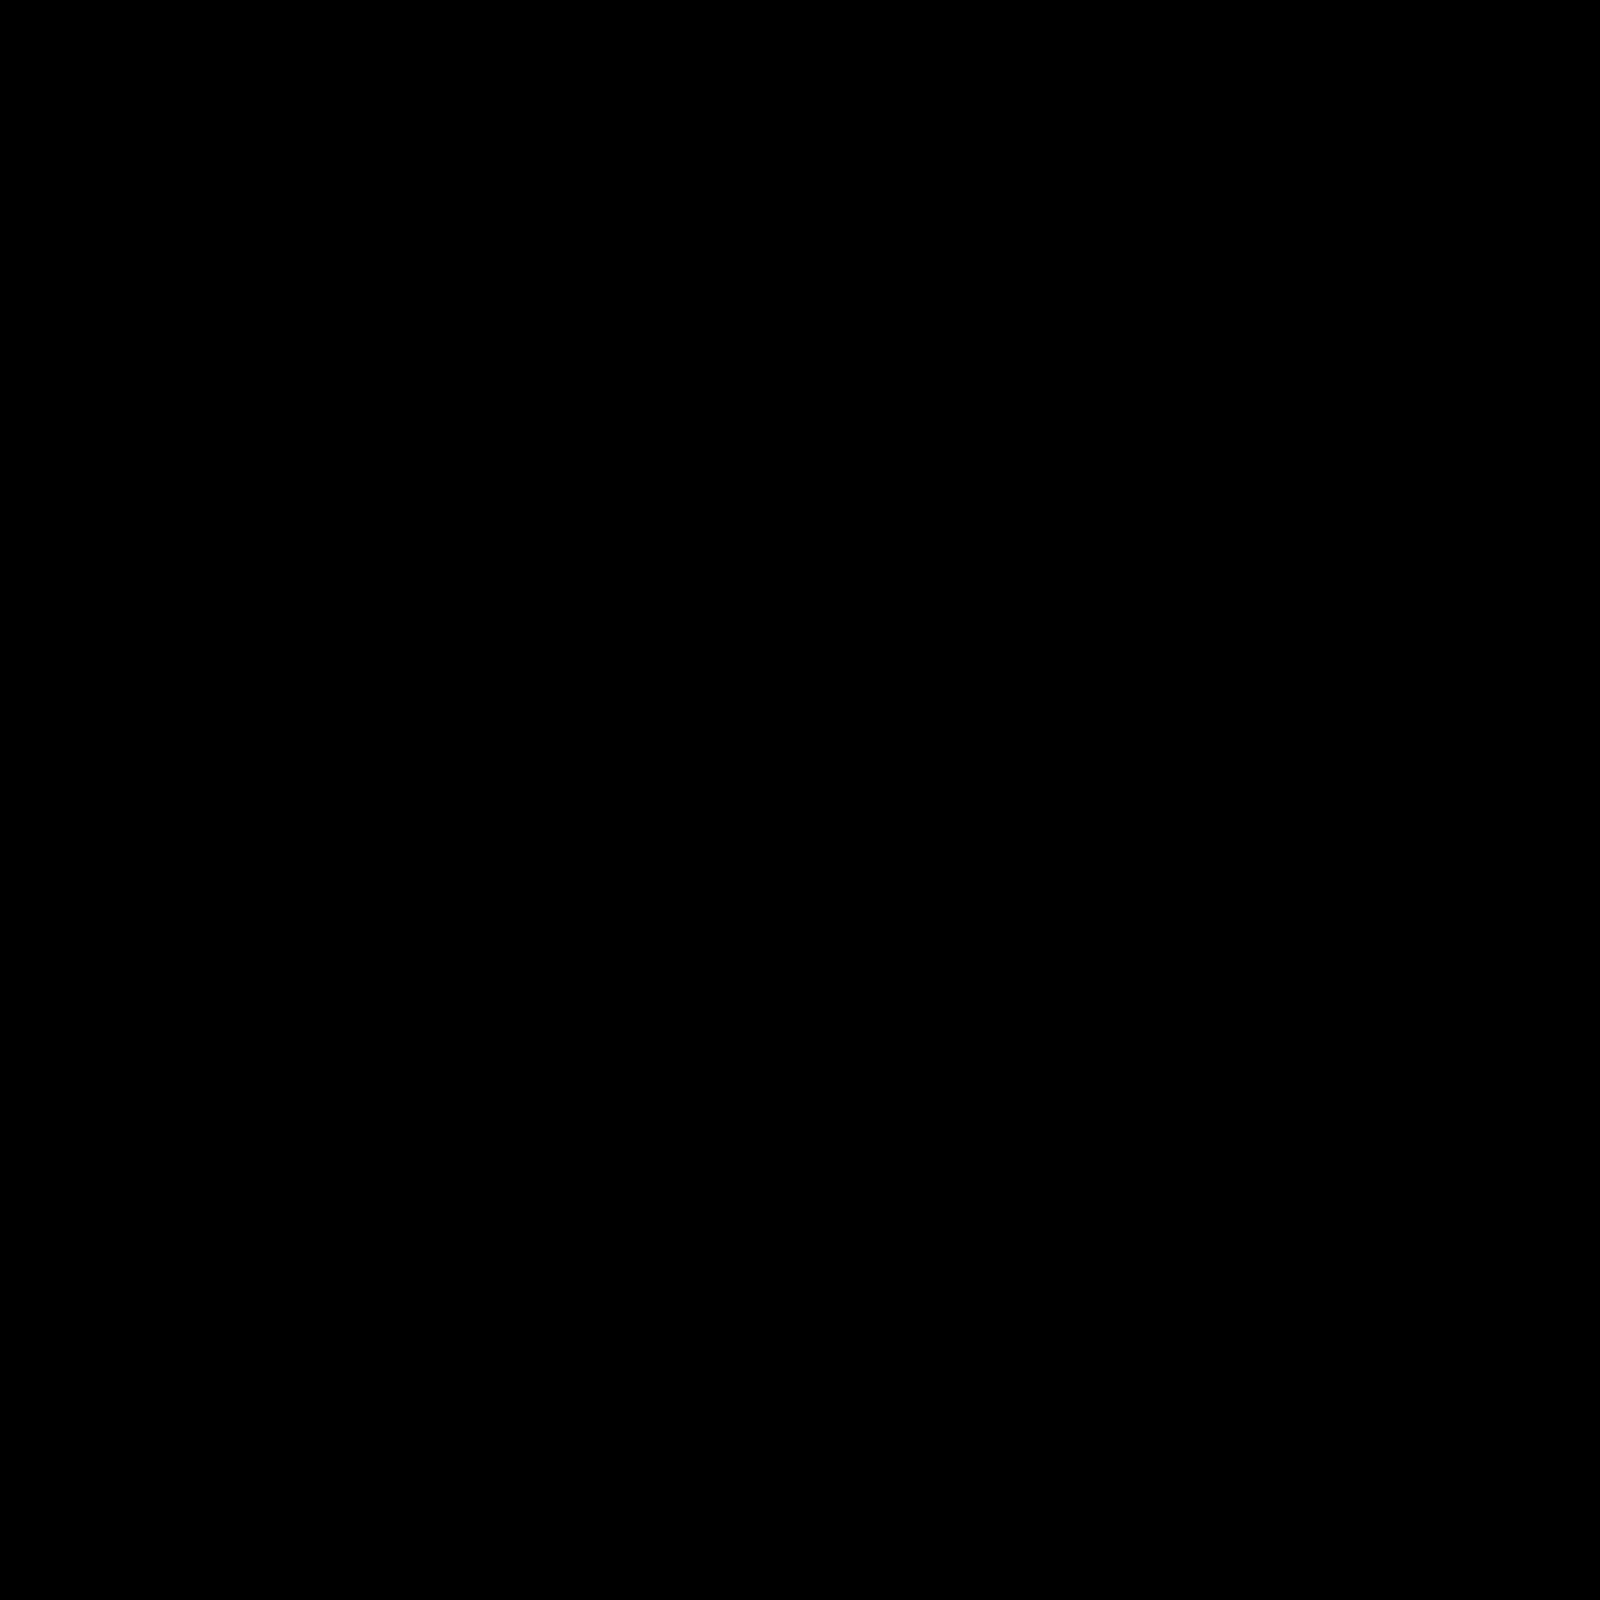 双指点击 icon. This icon looks like the number three turned on its left side so it would be facing down. In between each curve of the number three are two circles